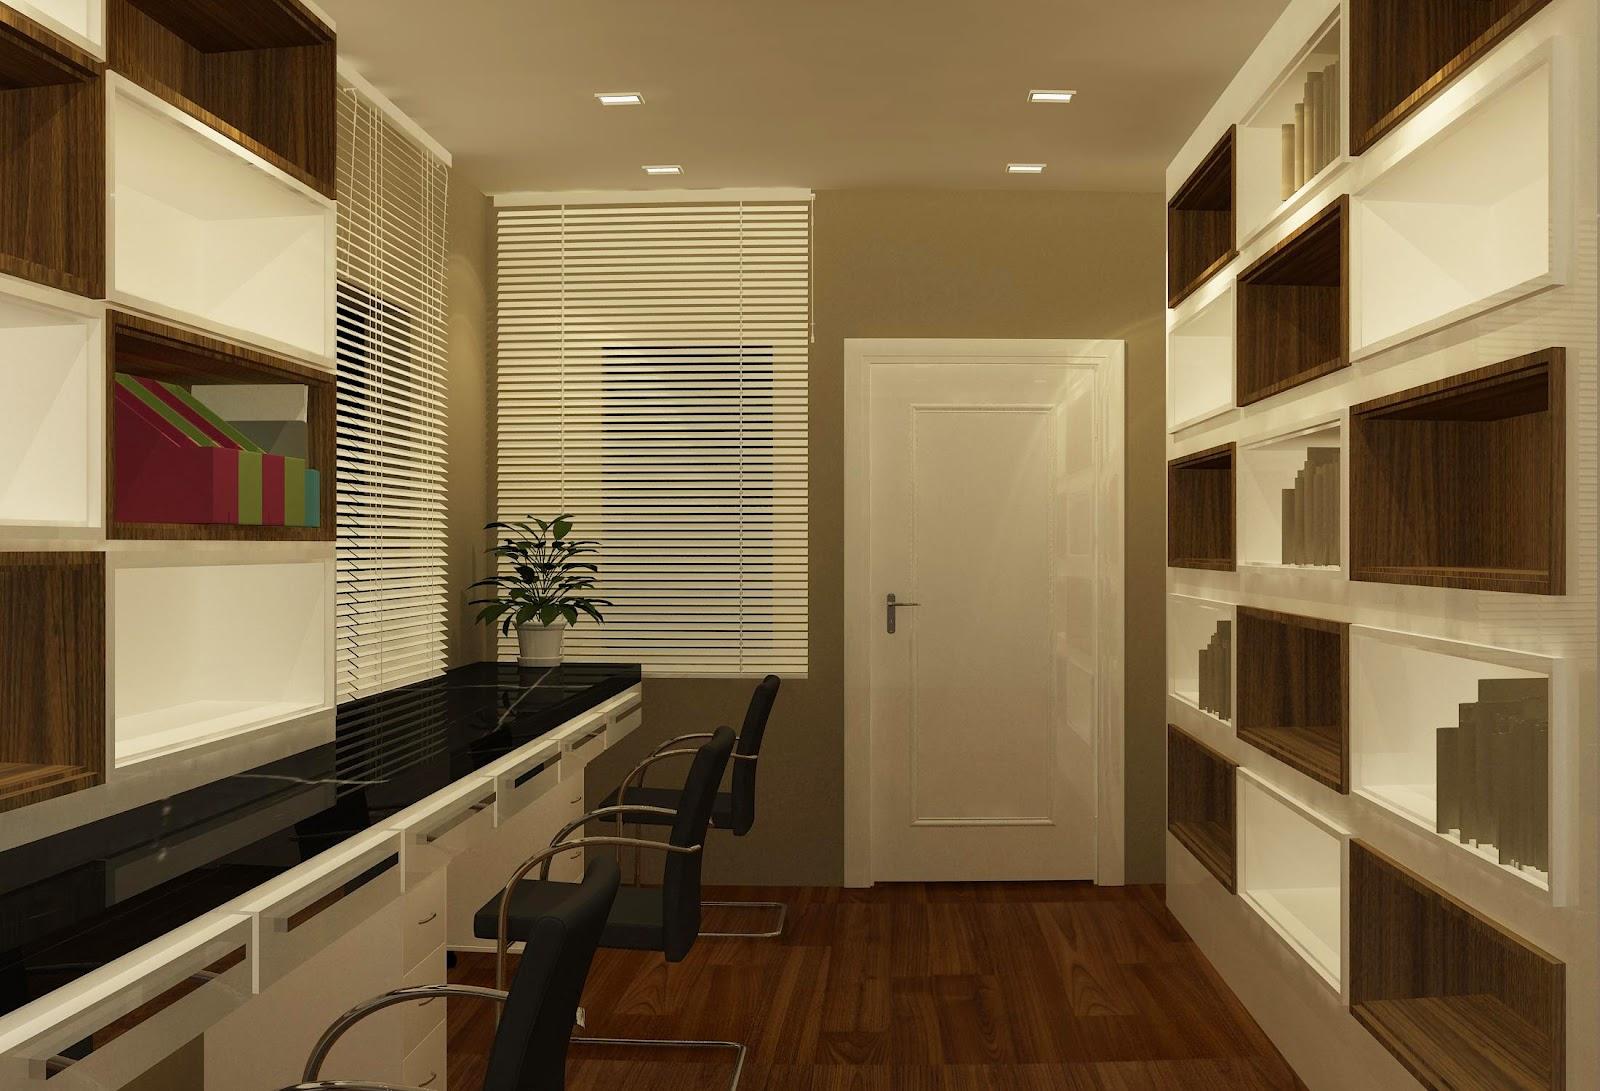 2013 Malaysia Condo Kitchen Design Ask Home Design